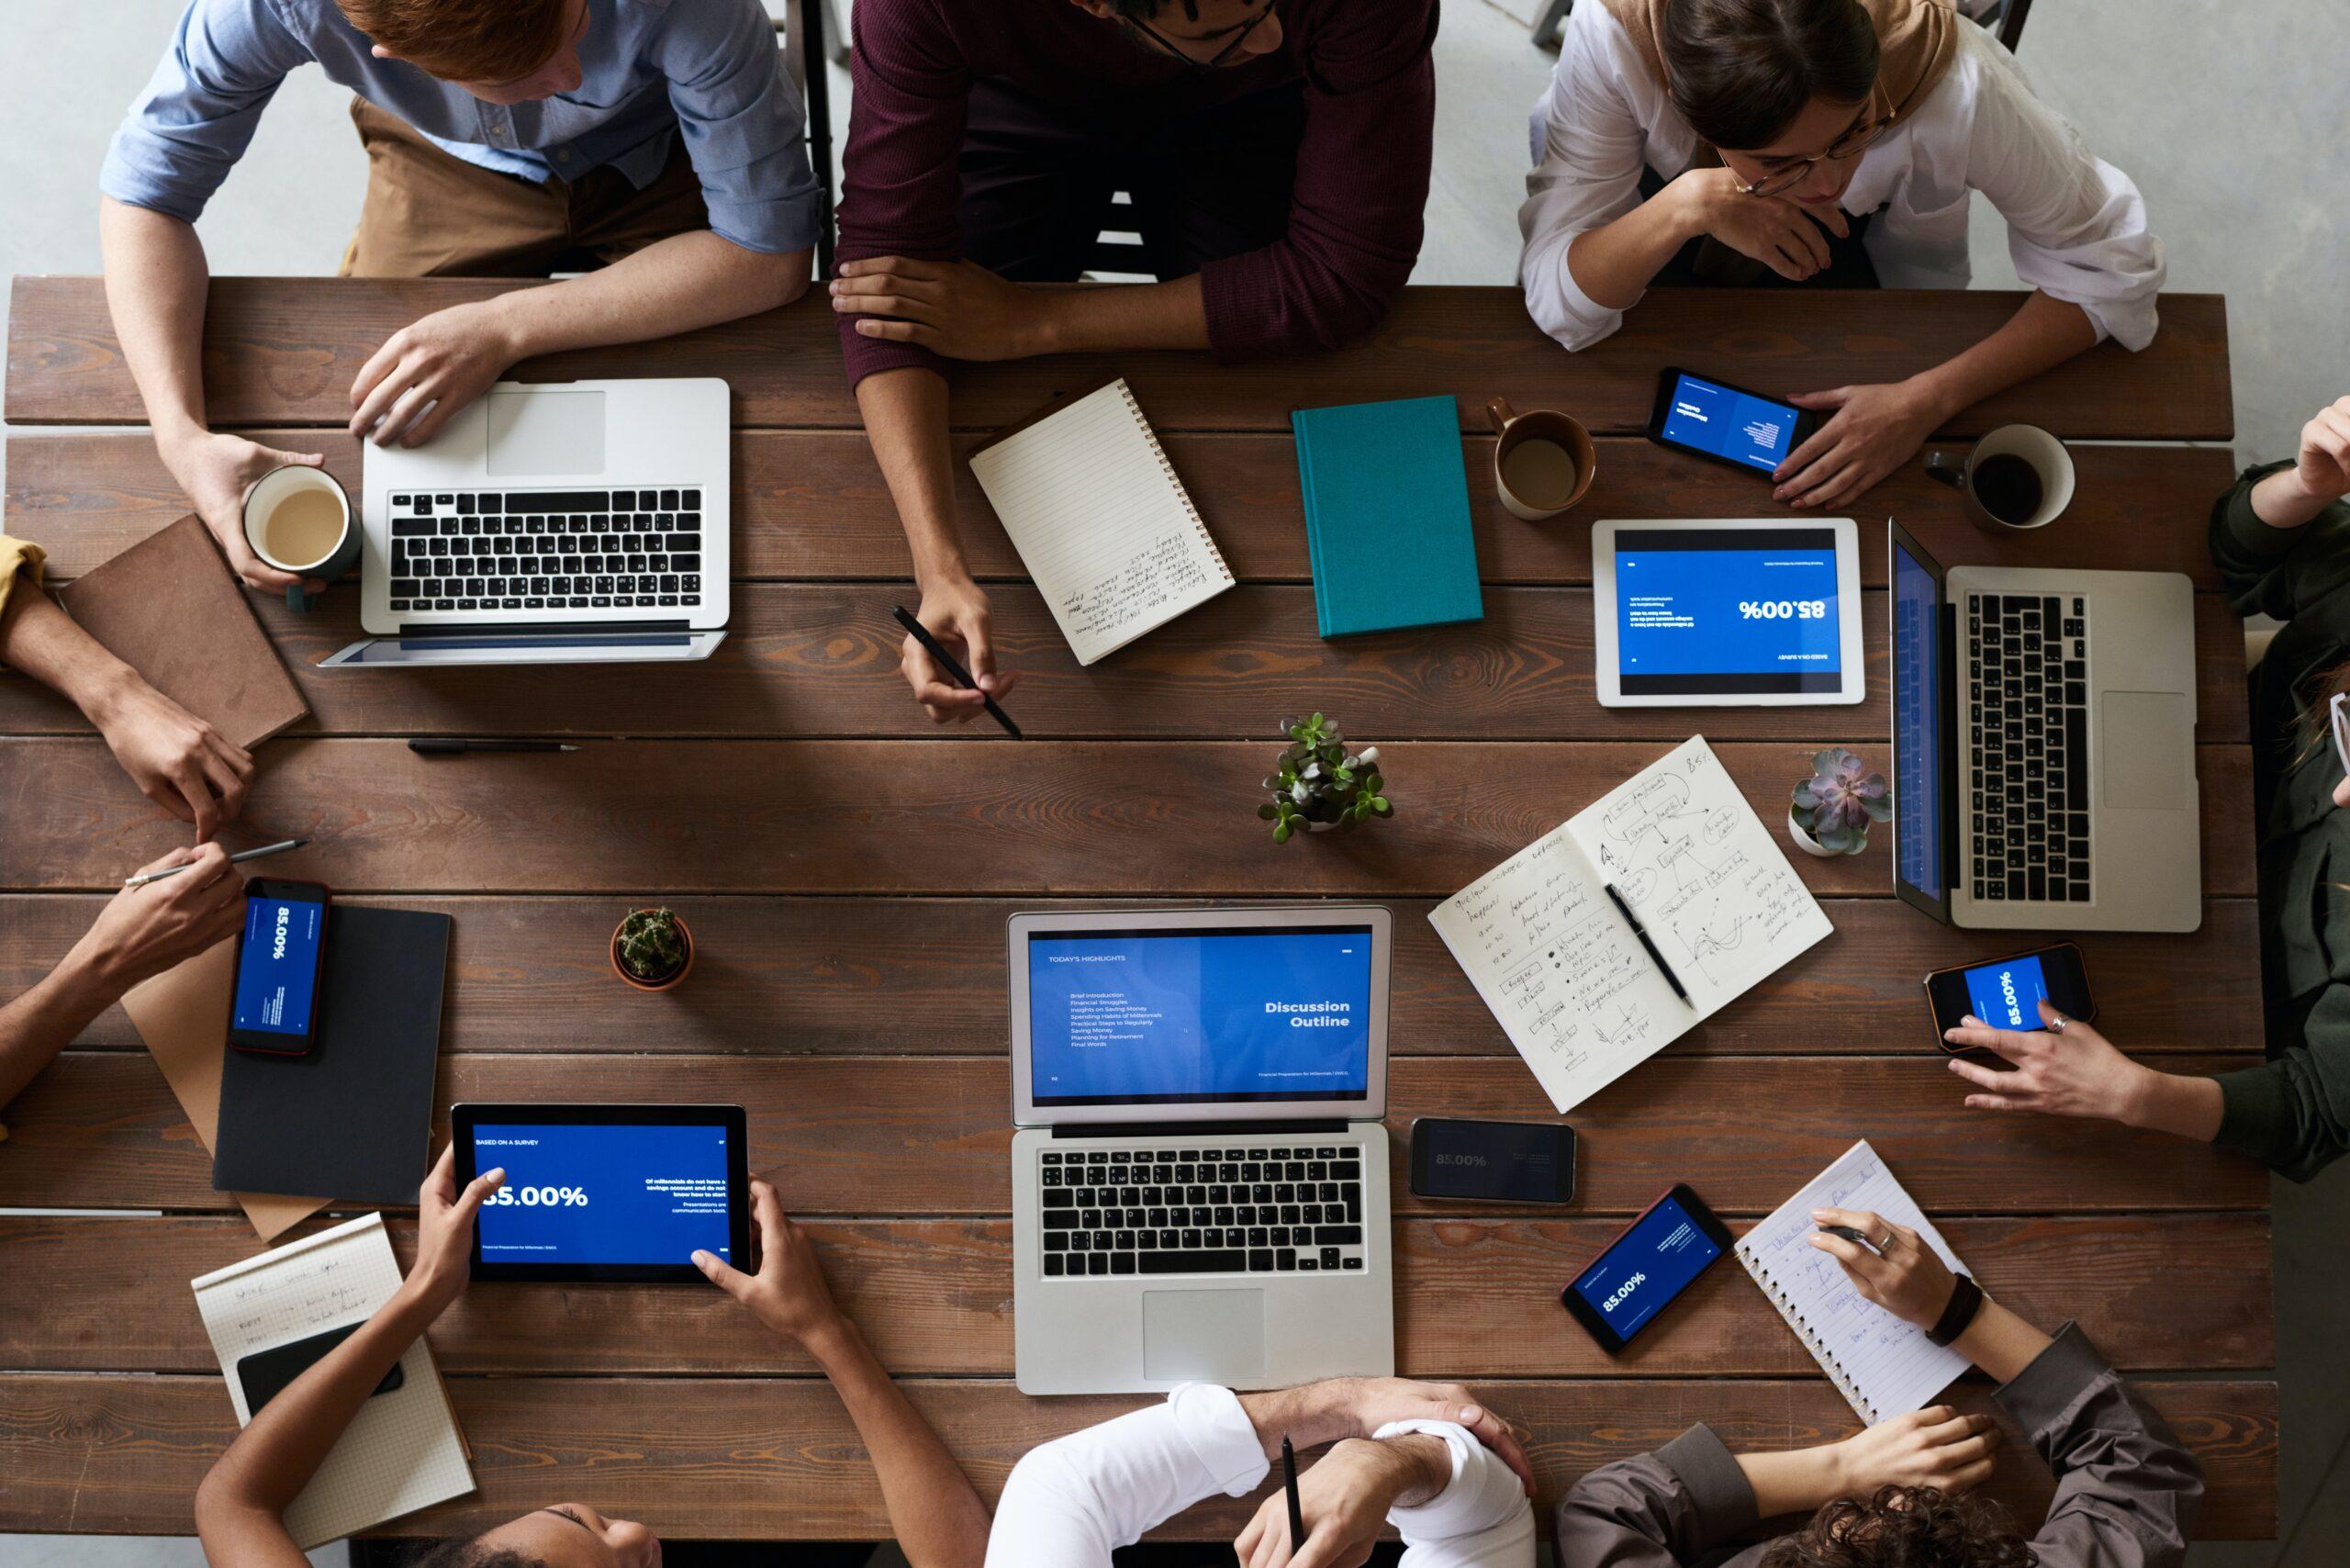 Які цілі маркетингових досліджень бувають і які завдання вони вирішують